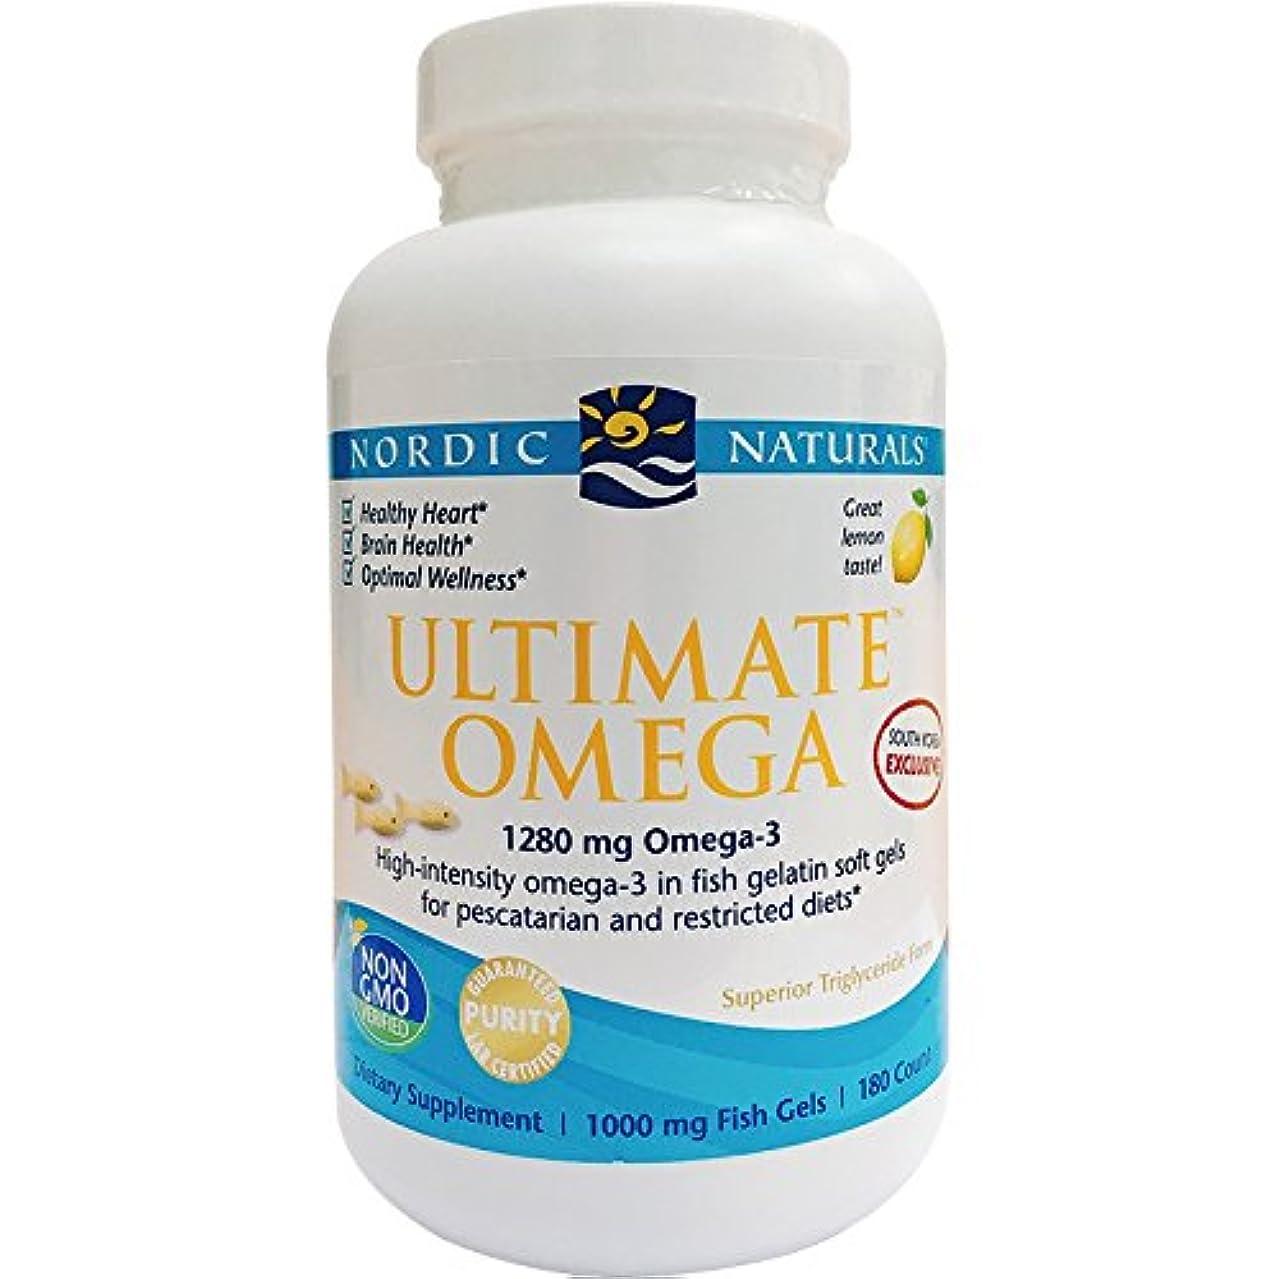 肌憂鬱な崩壊アルティメイトオメガ 1000 mg(レモン) 180 ソフトカプセル (海外直送品)